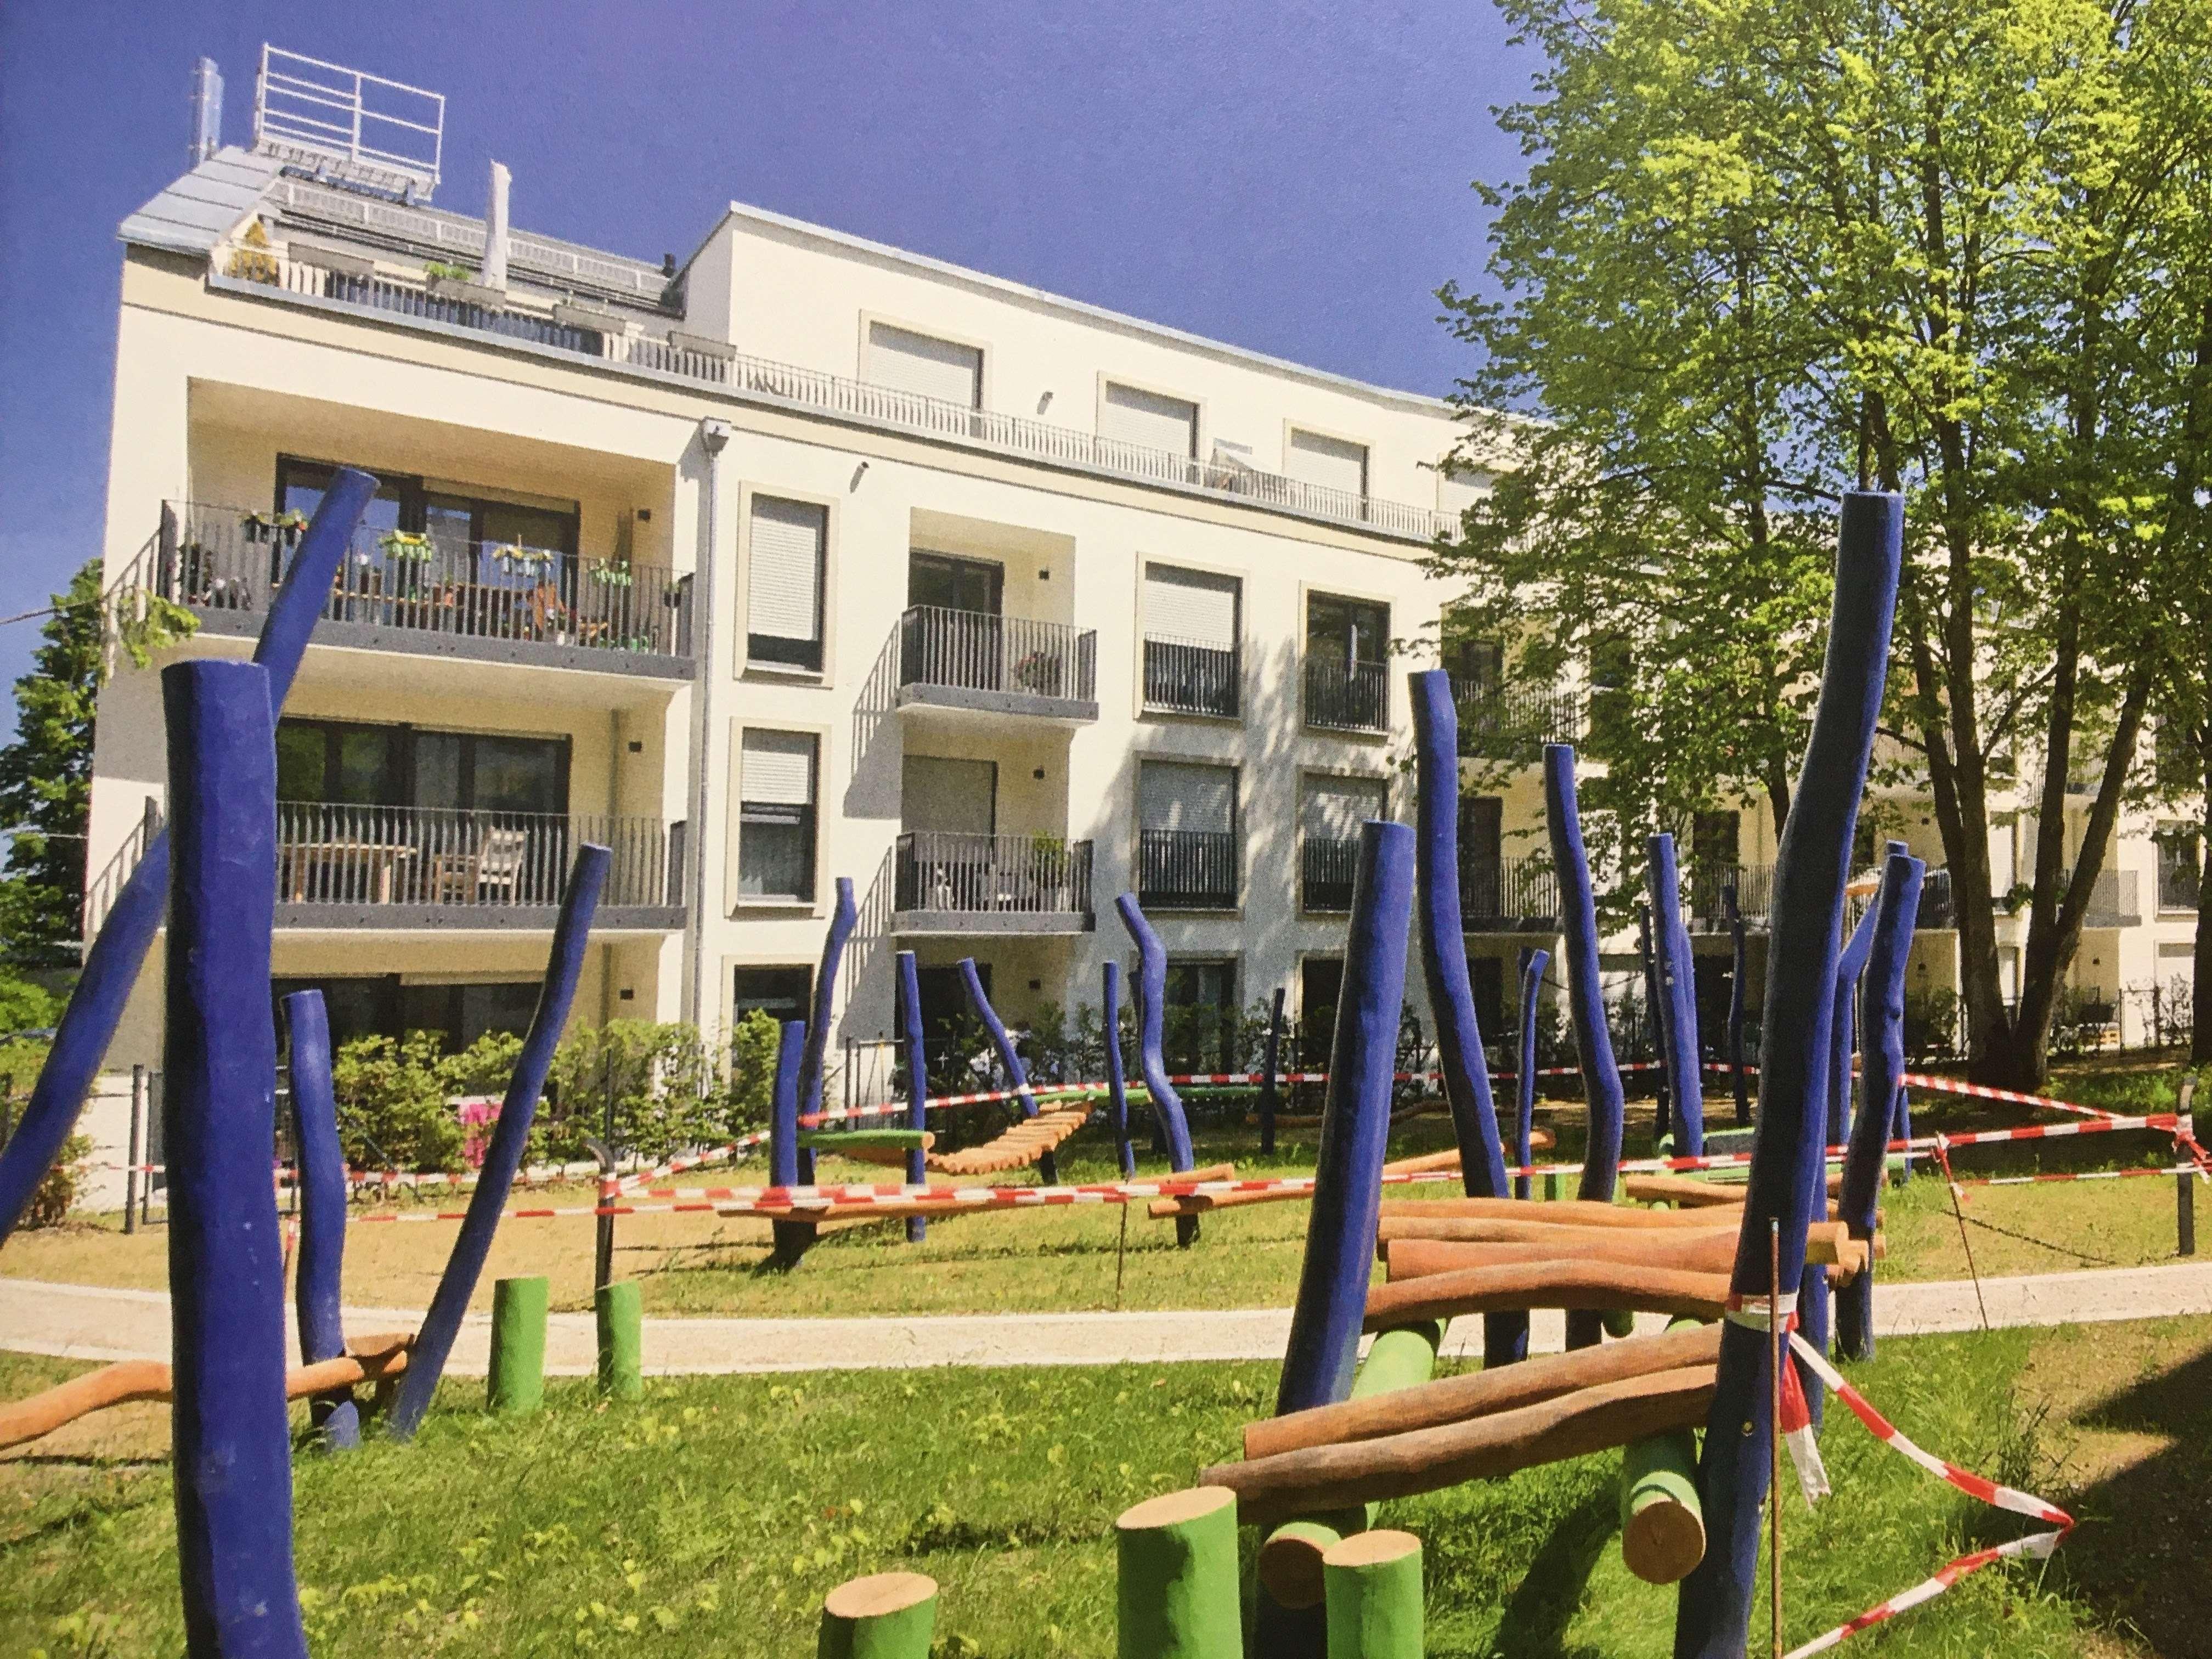 Exklusive,Neubau-3-Zimmer-Wohnung mit 2 großem Balkon in Berg am Laim/Trudering, München in Berg am Laim (München)